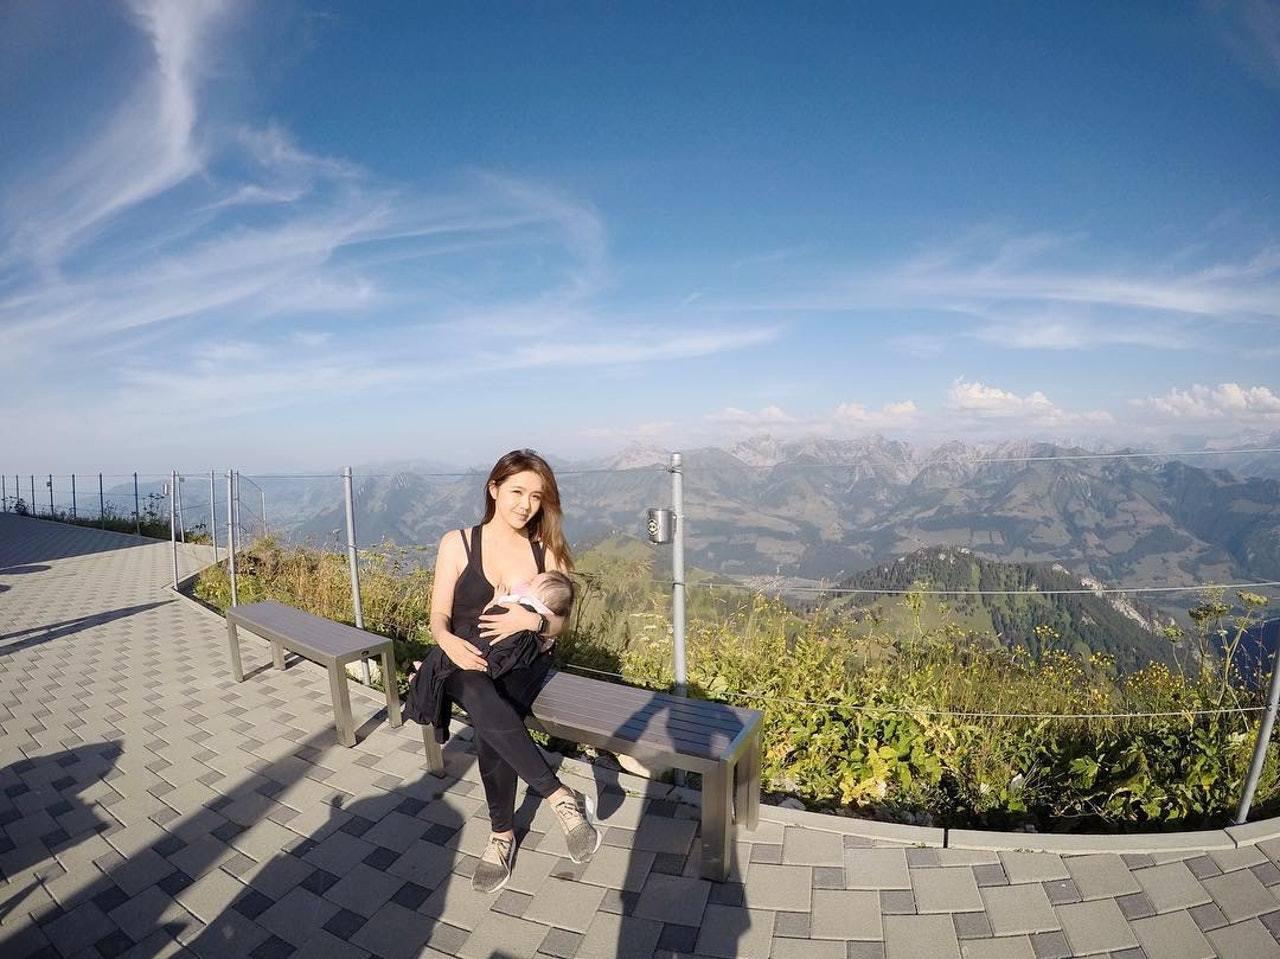 香港藝人官恩娜曬餵奶照,爭取哺乳權獲讚。圖/香港01